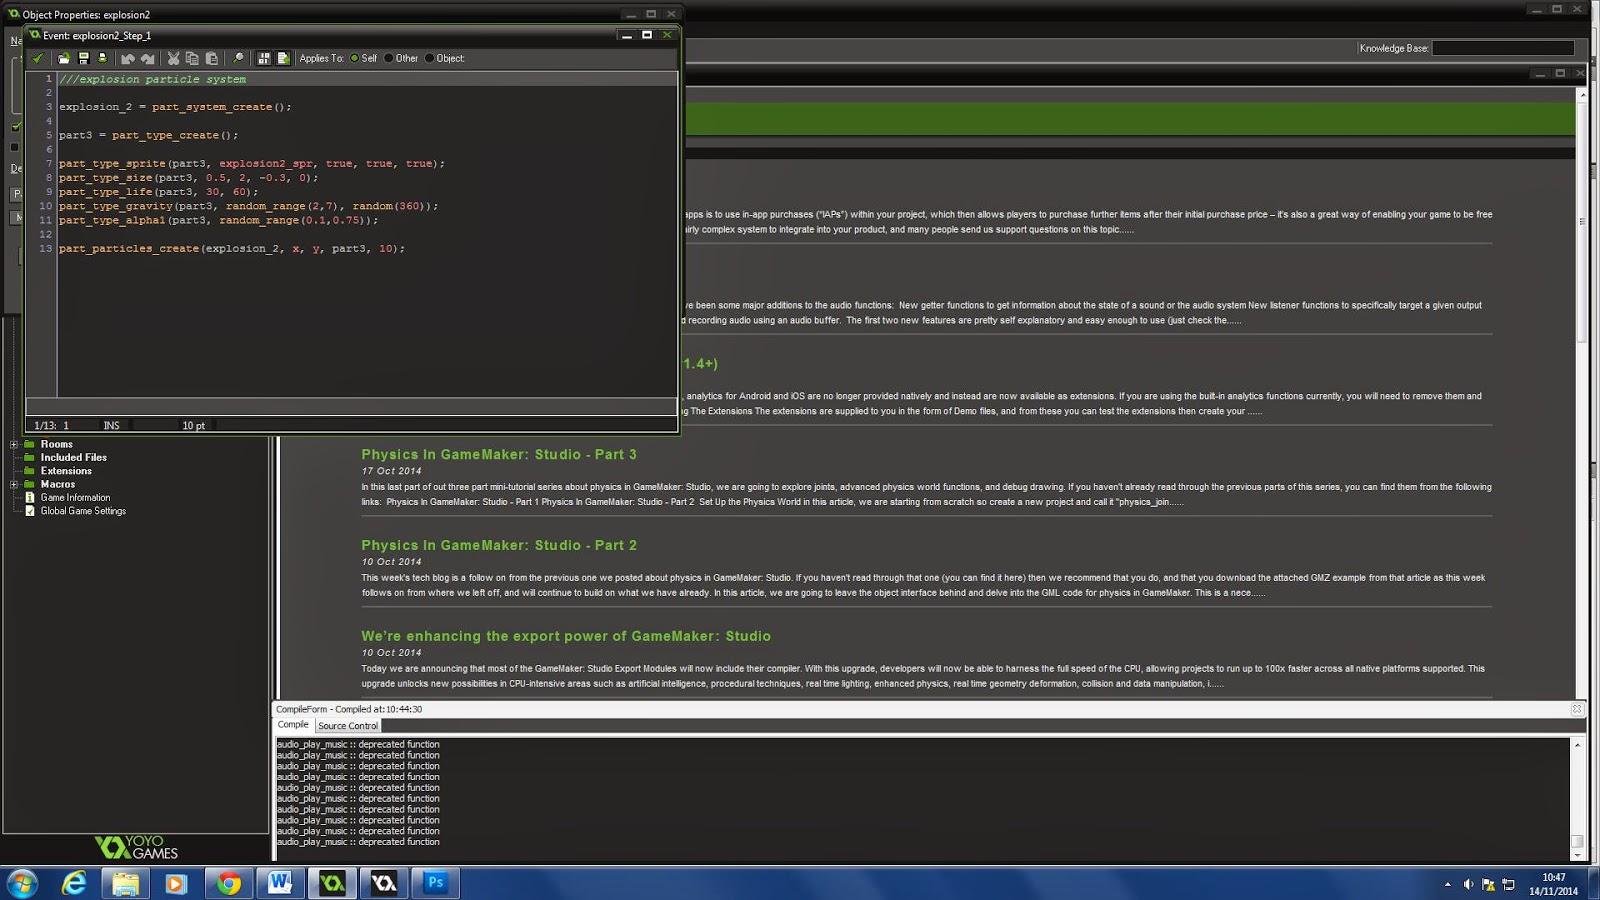 Adam Copeland Unit 70 IG/JE1 Games Engines: Using a 2D Engine